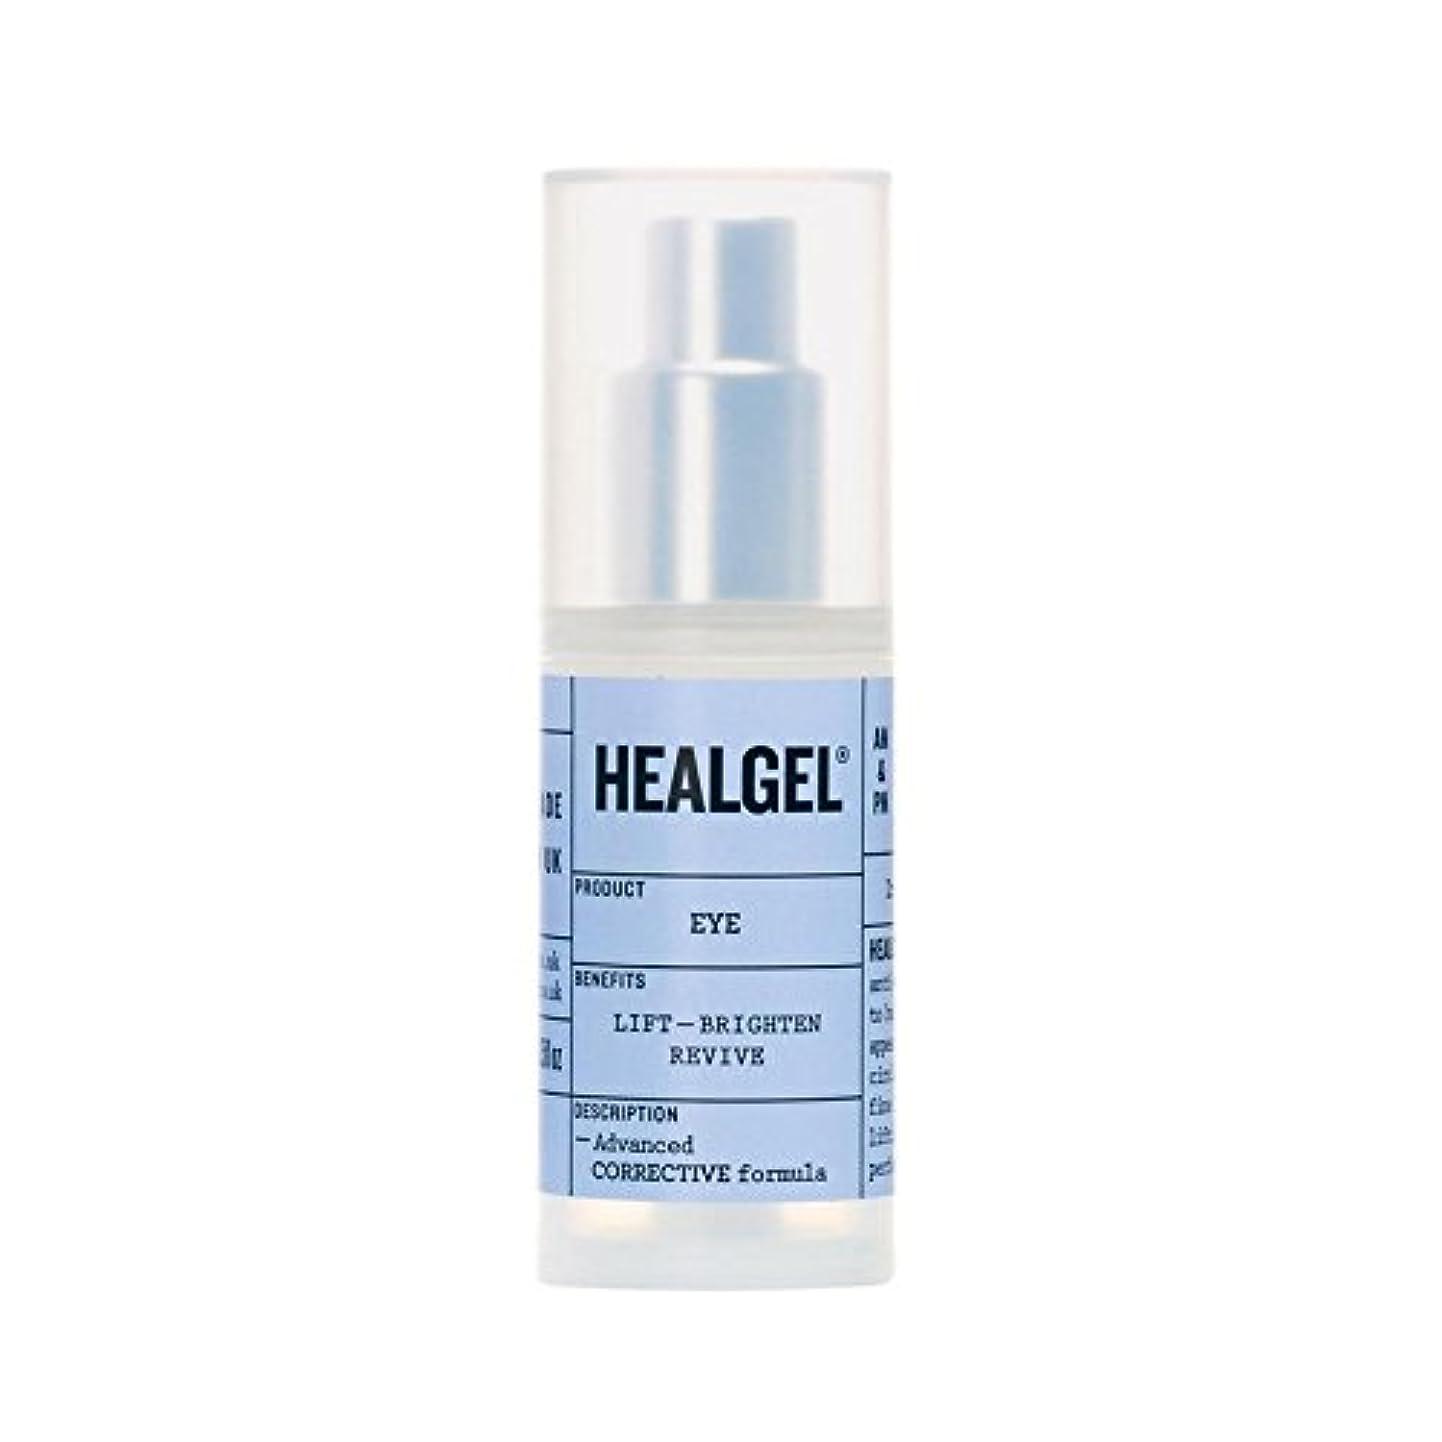 関与する耐えられる嫉妬ゲル白眼式15ミリリットルを癒します x2 - Heal Gel Brightening Eye Formula 15ml (Pack of 2) [並行輸入品]